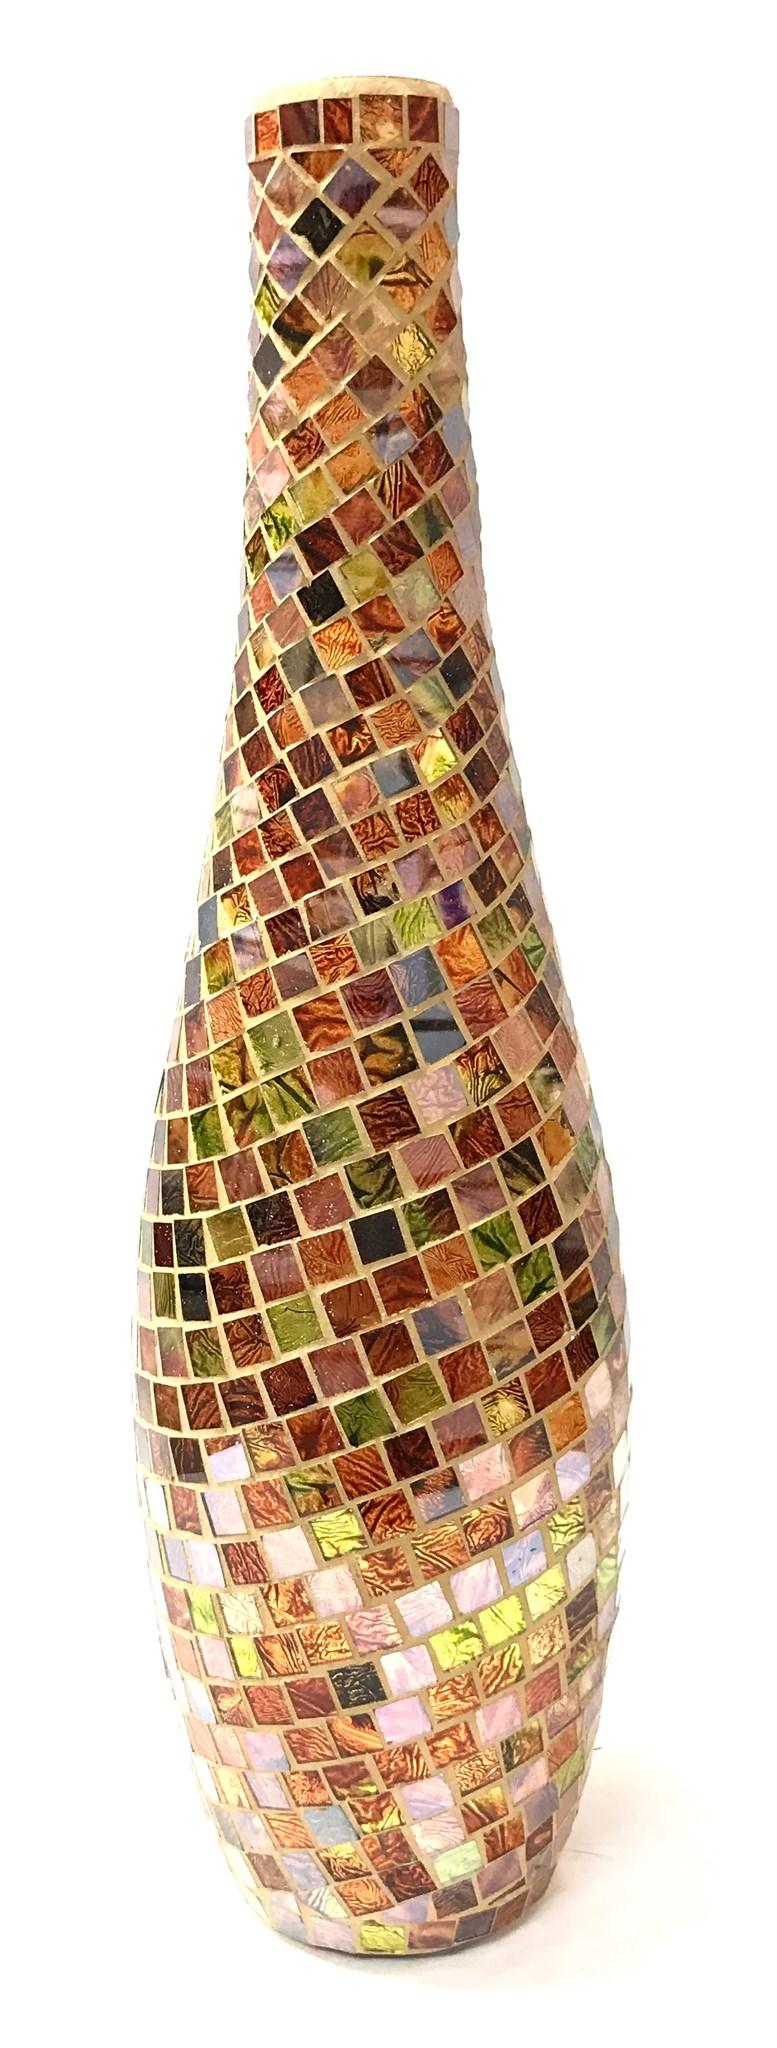 Kaleidoscope Vase